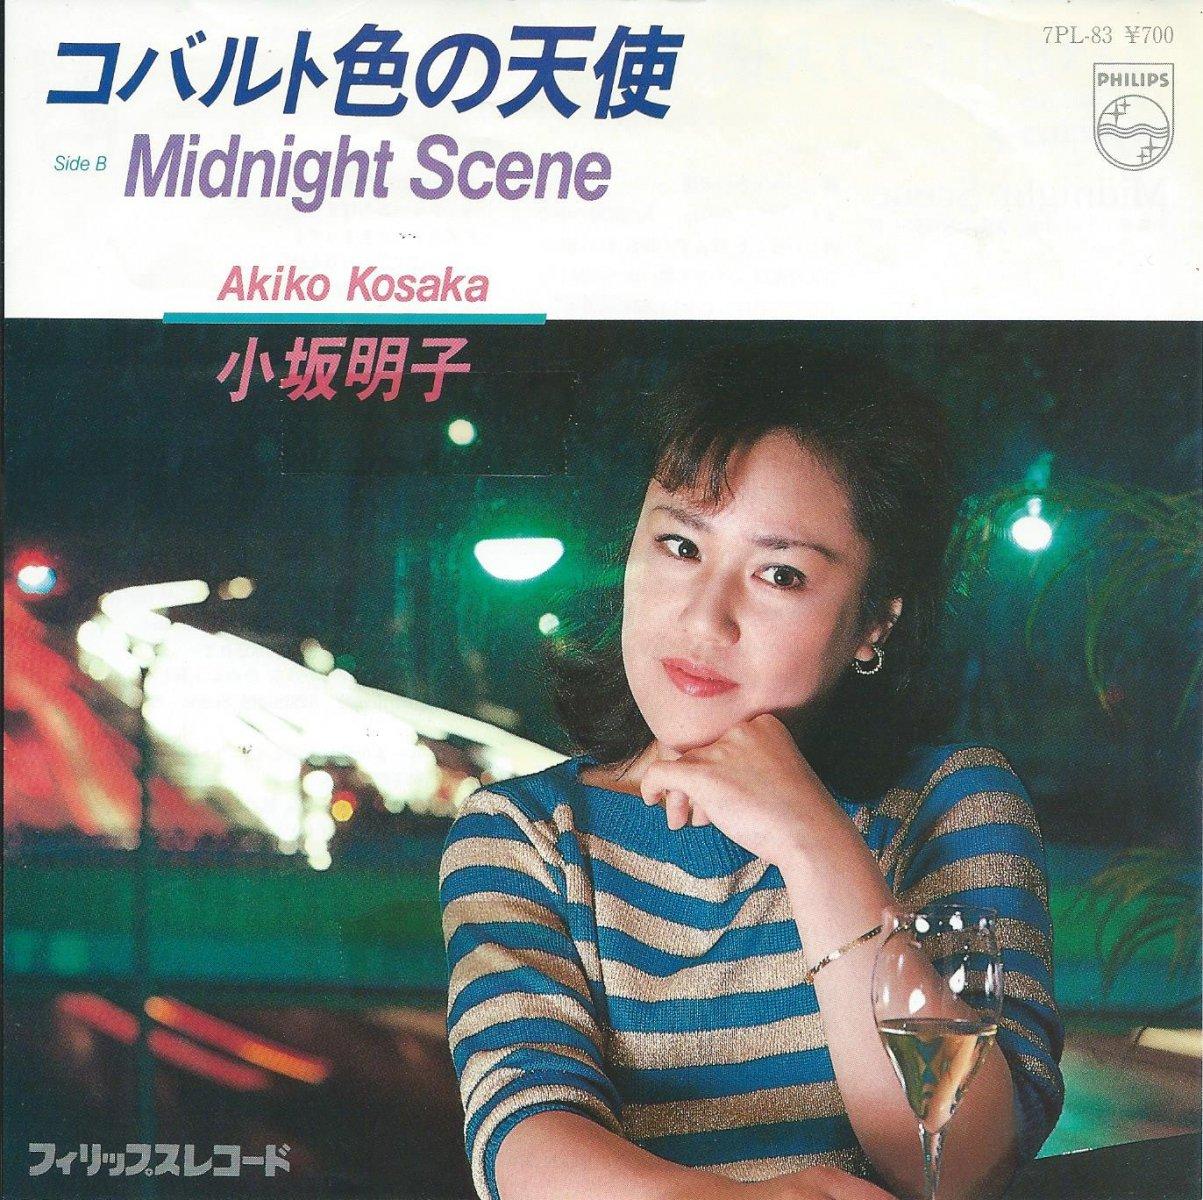 小坂明子 AKIKO KOSAKA / コバルト色の天使 / MIDNIGHT SCENE (7